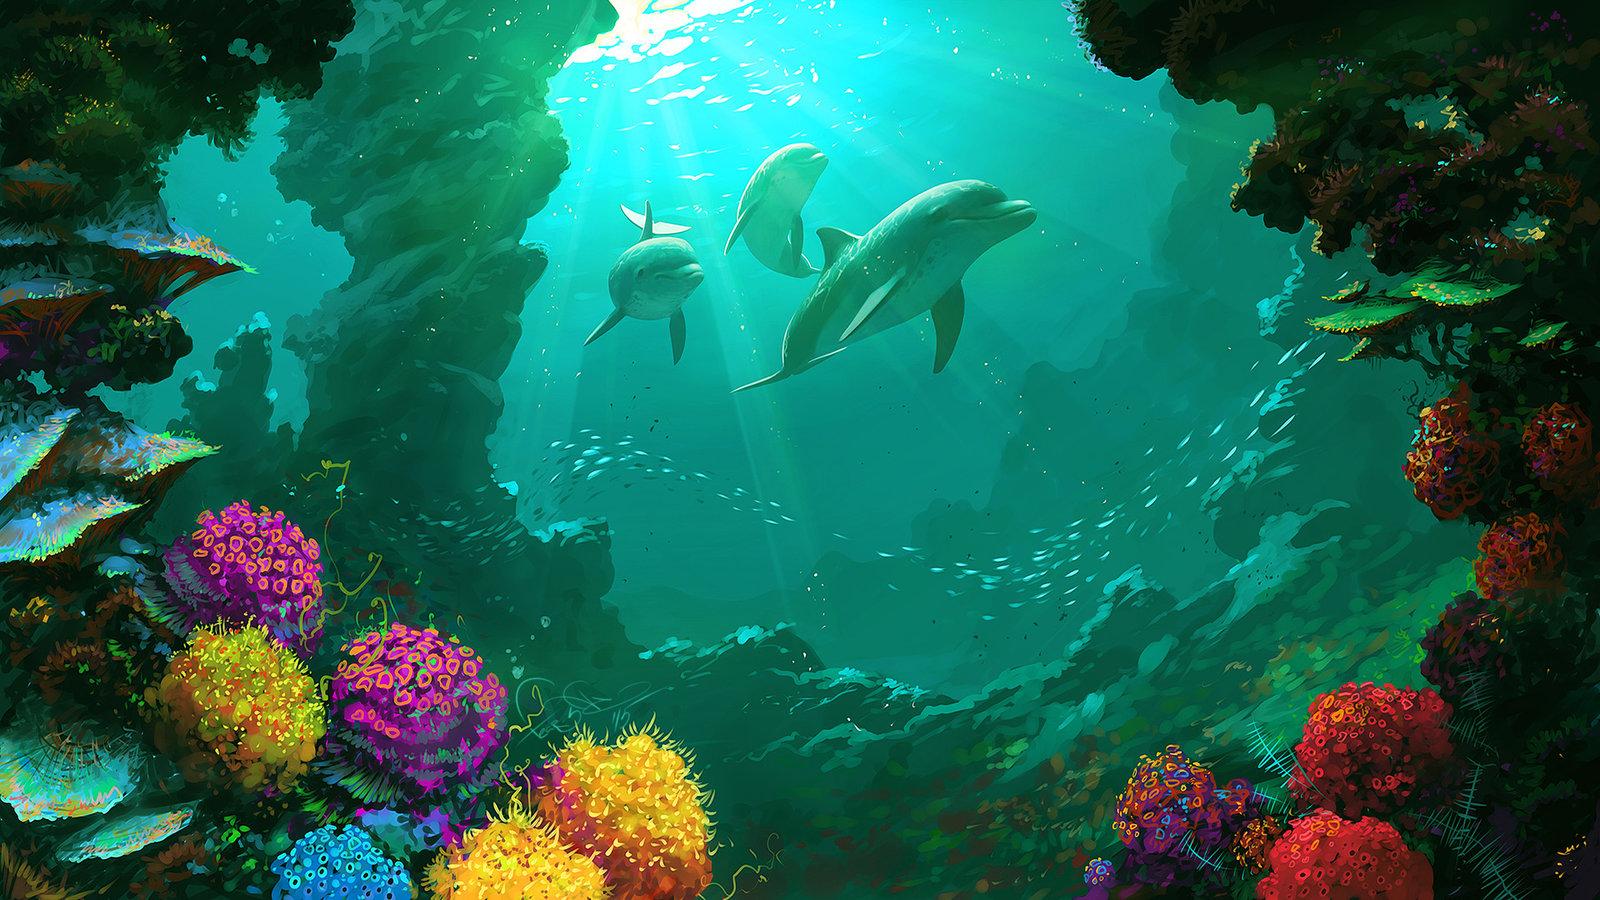 DDajj dương thế giới chưa nhiều bí ẩn chưa có lời giải. Ảnh: fear-sas.deviantar